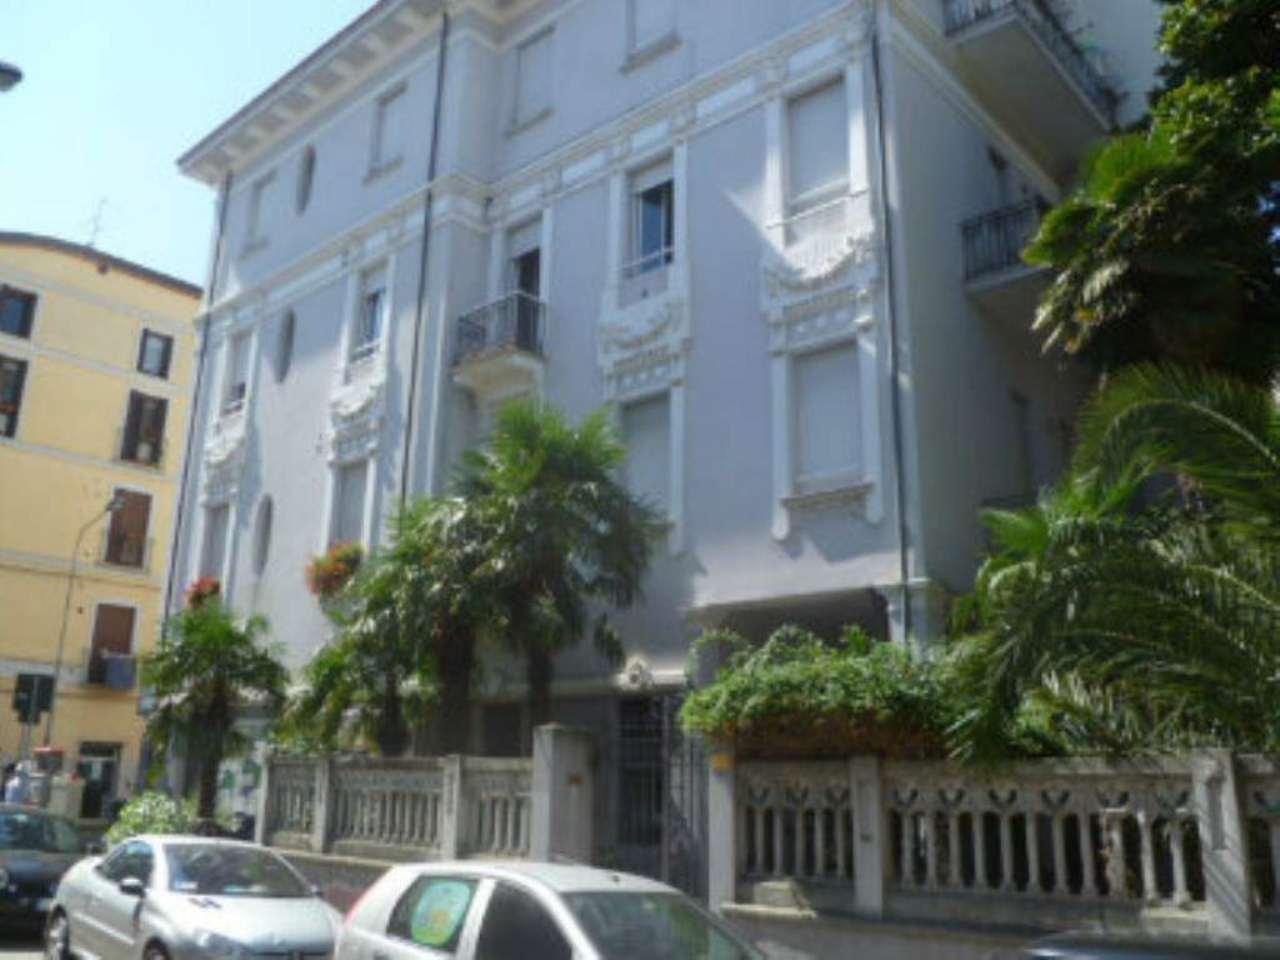 Affitto  bilocale Pescara Via Michelangelo Forti 1 551467